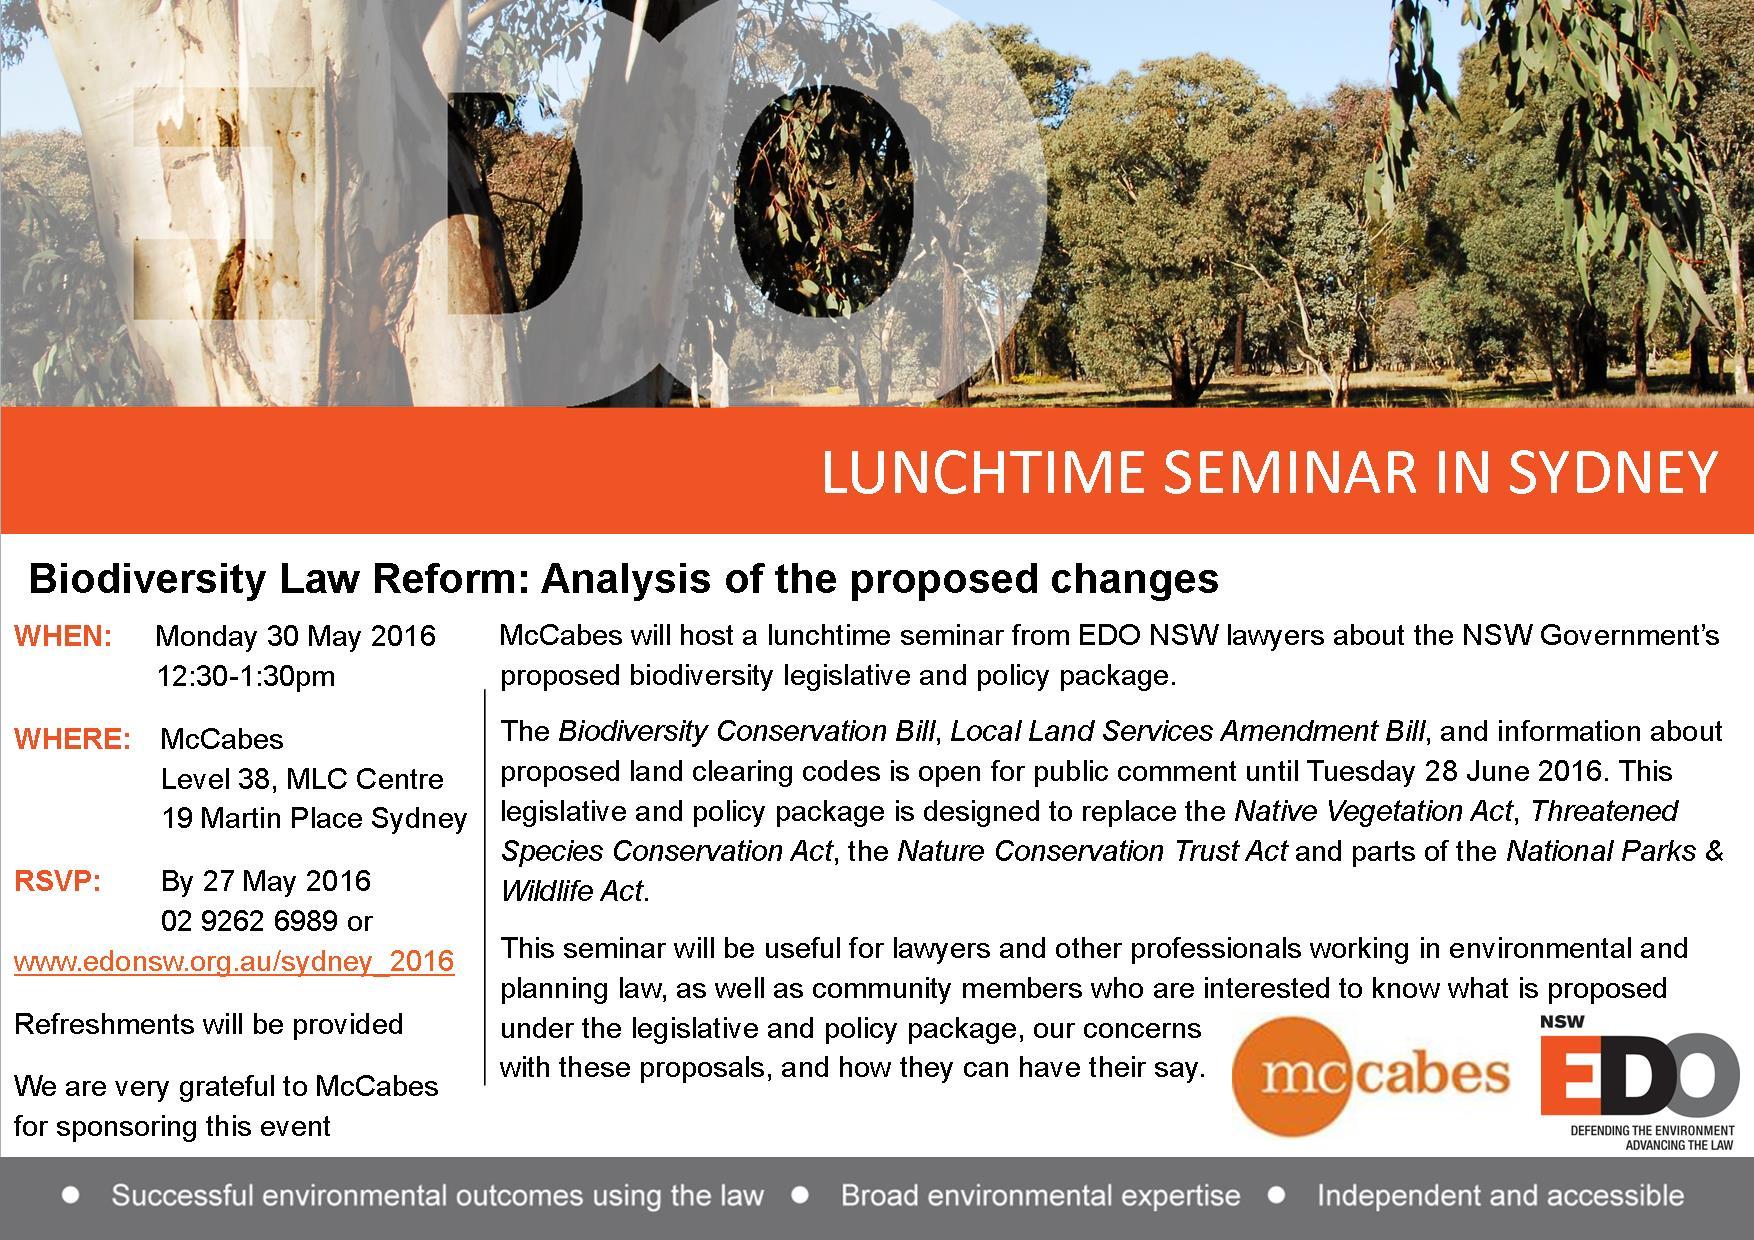 160519_Sydney_Seminar_Biodiversity_Flyer.jpg